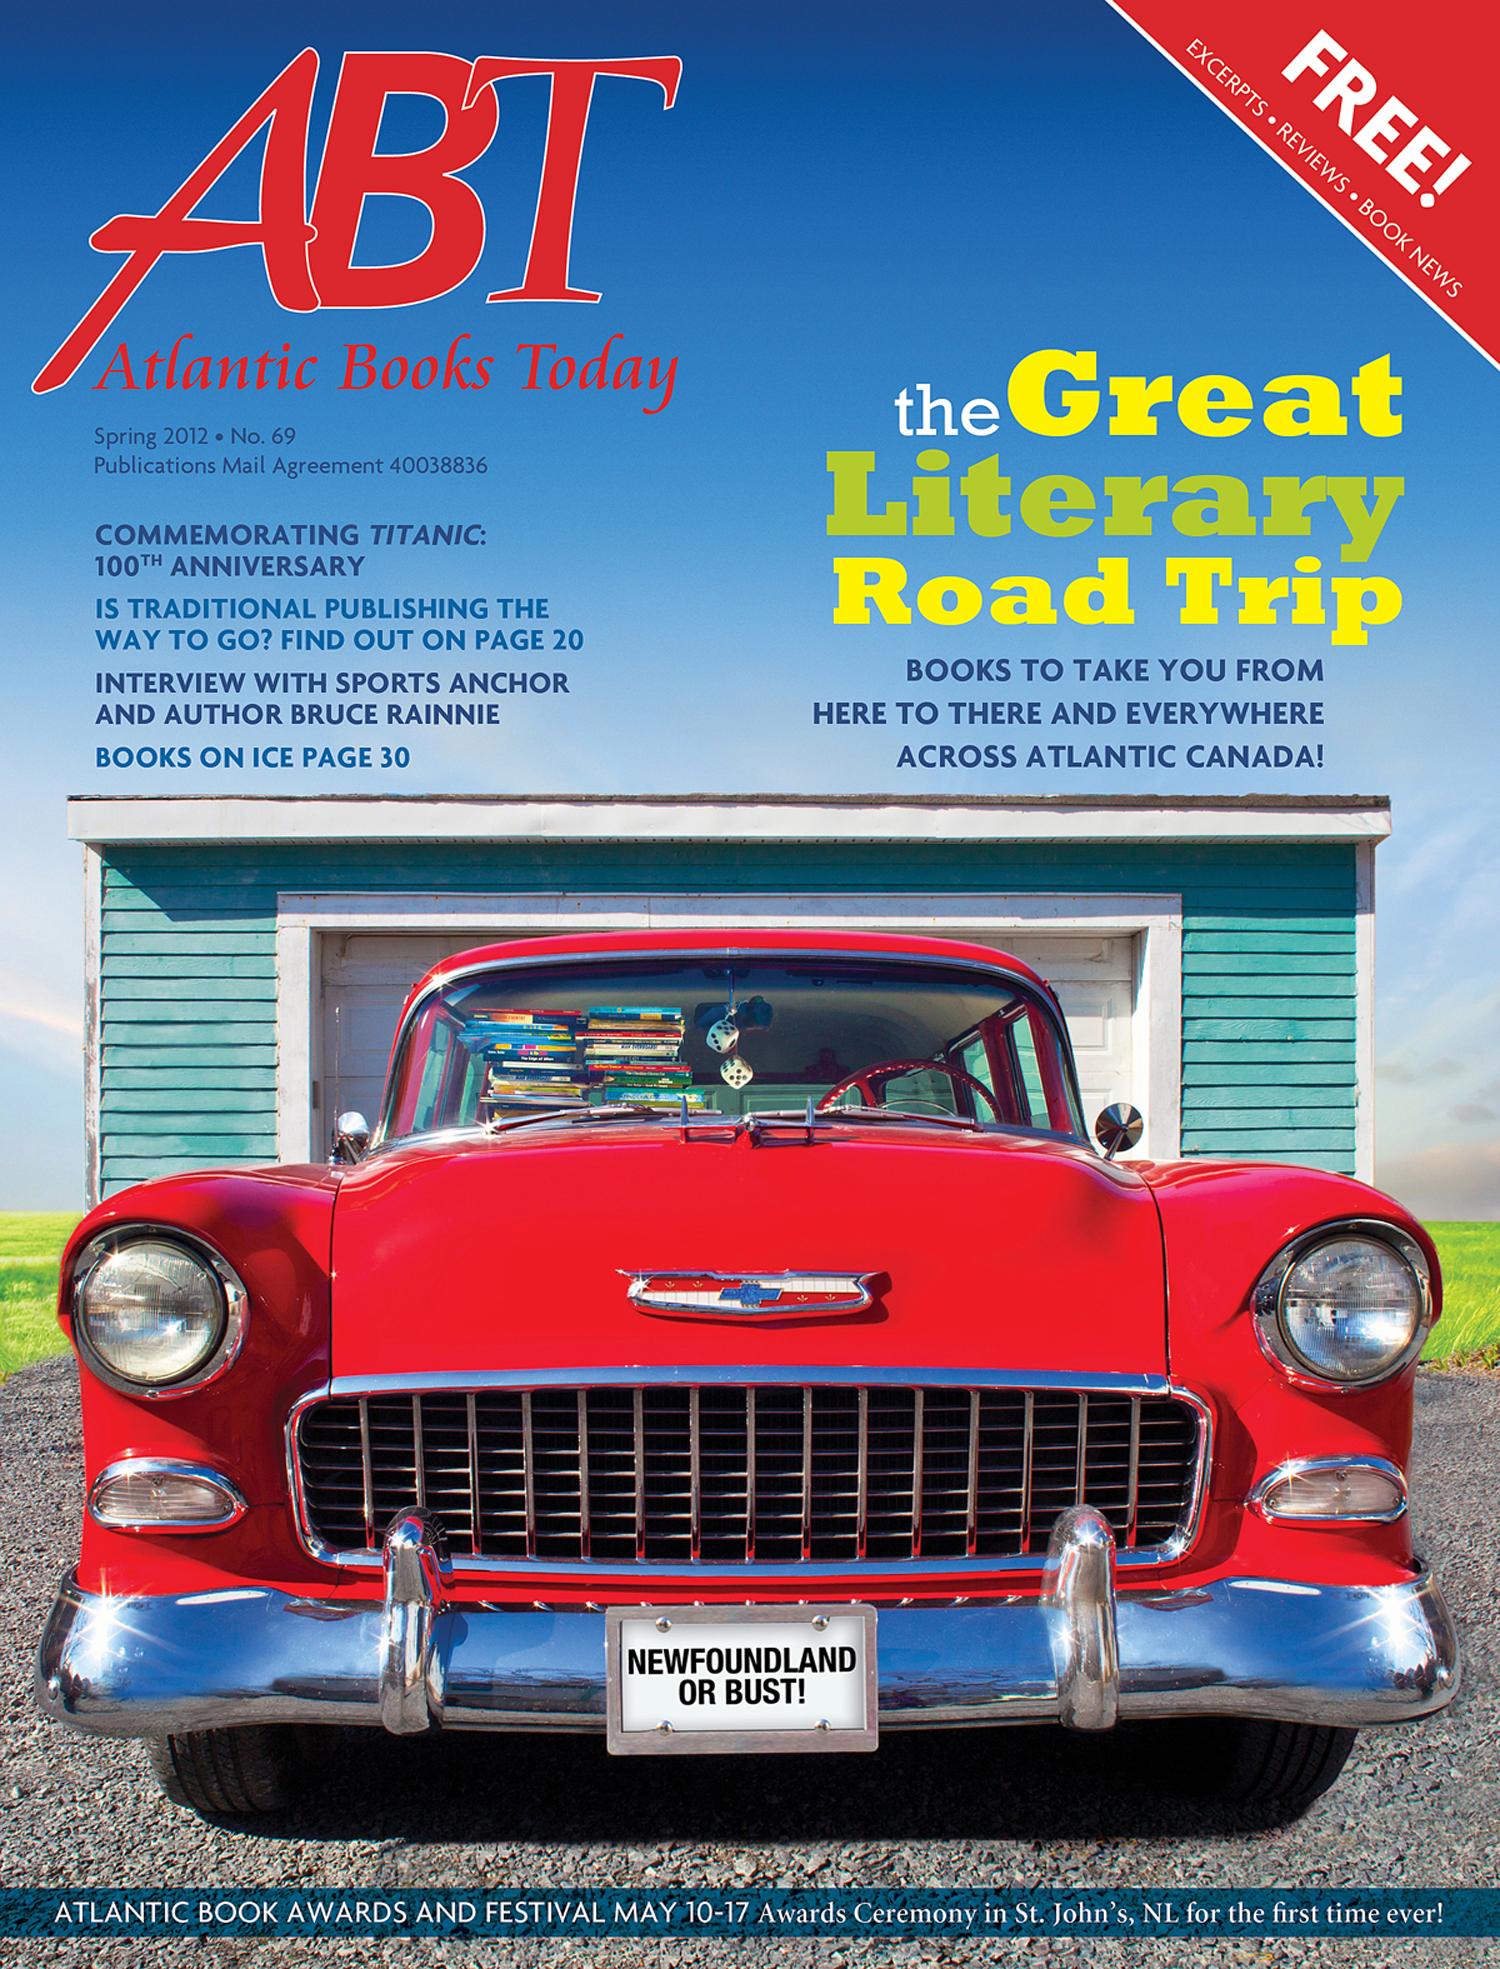 ABT-Spring 2012-69_cover.jpg